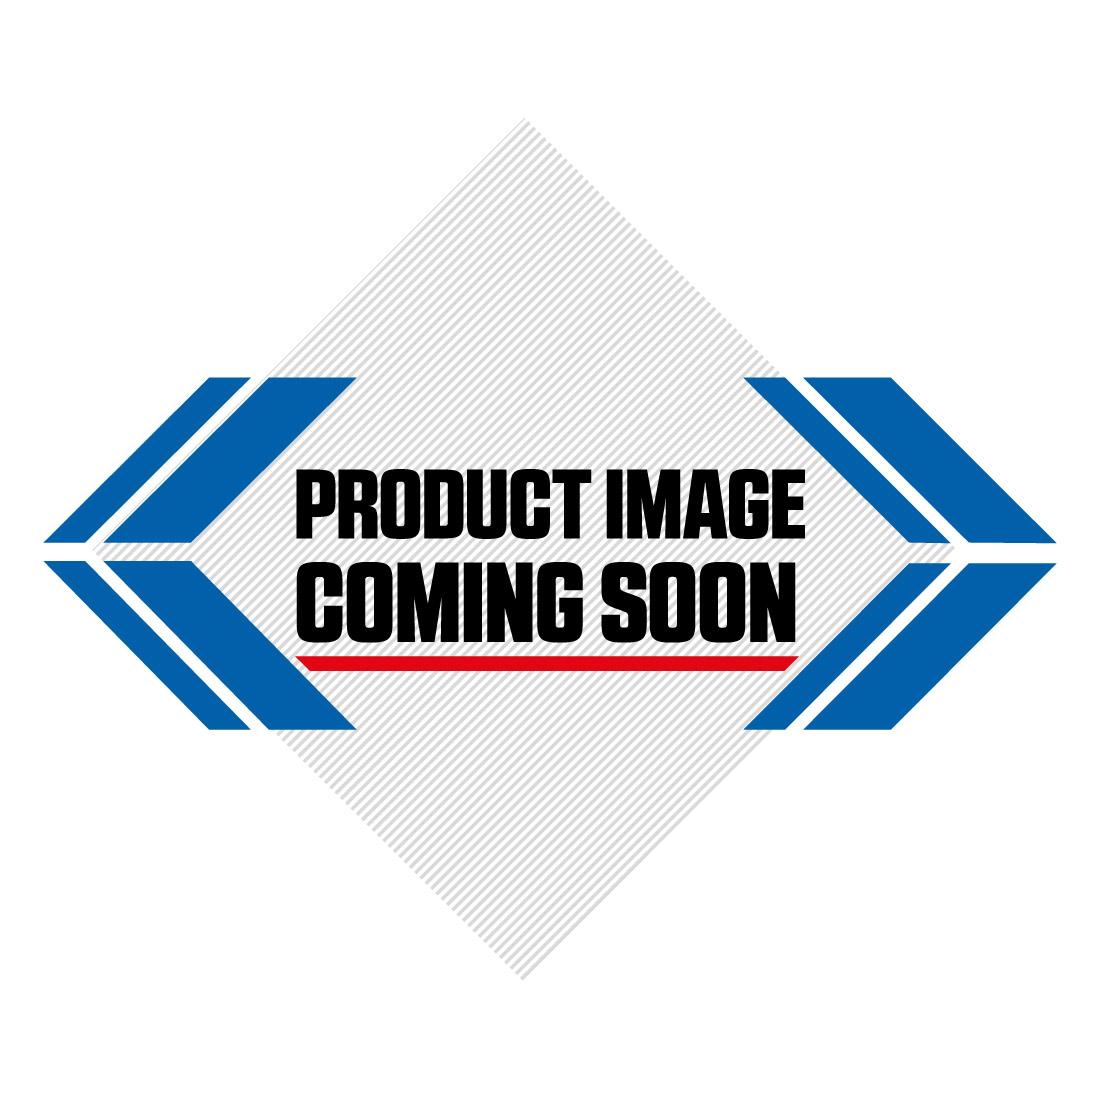 New 2015 Honda CRF 250R Motocross Bike Image-3>